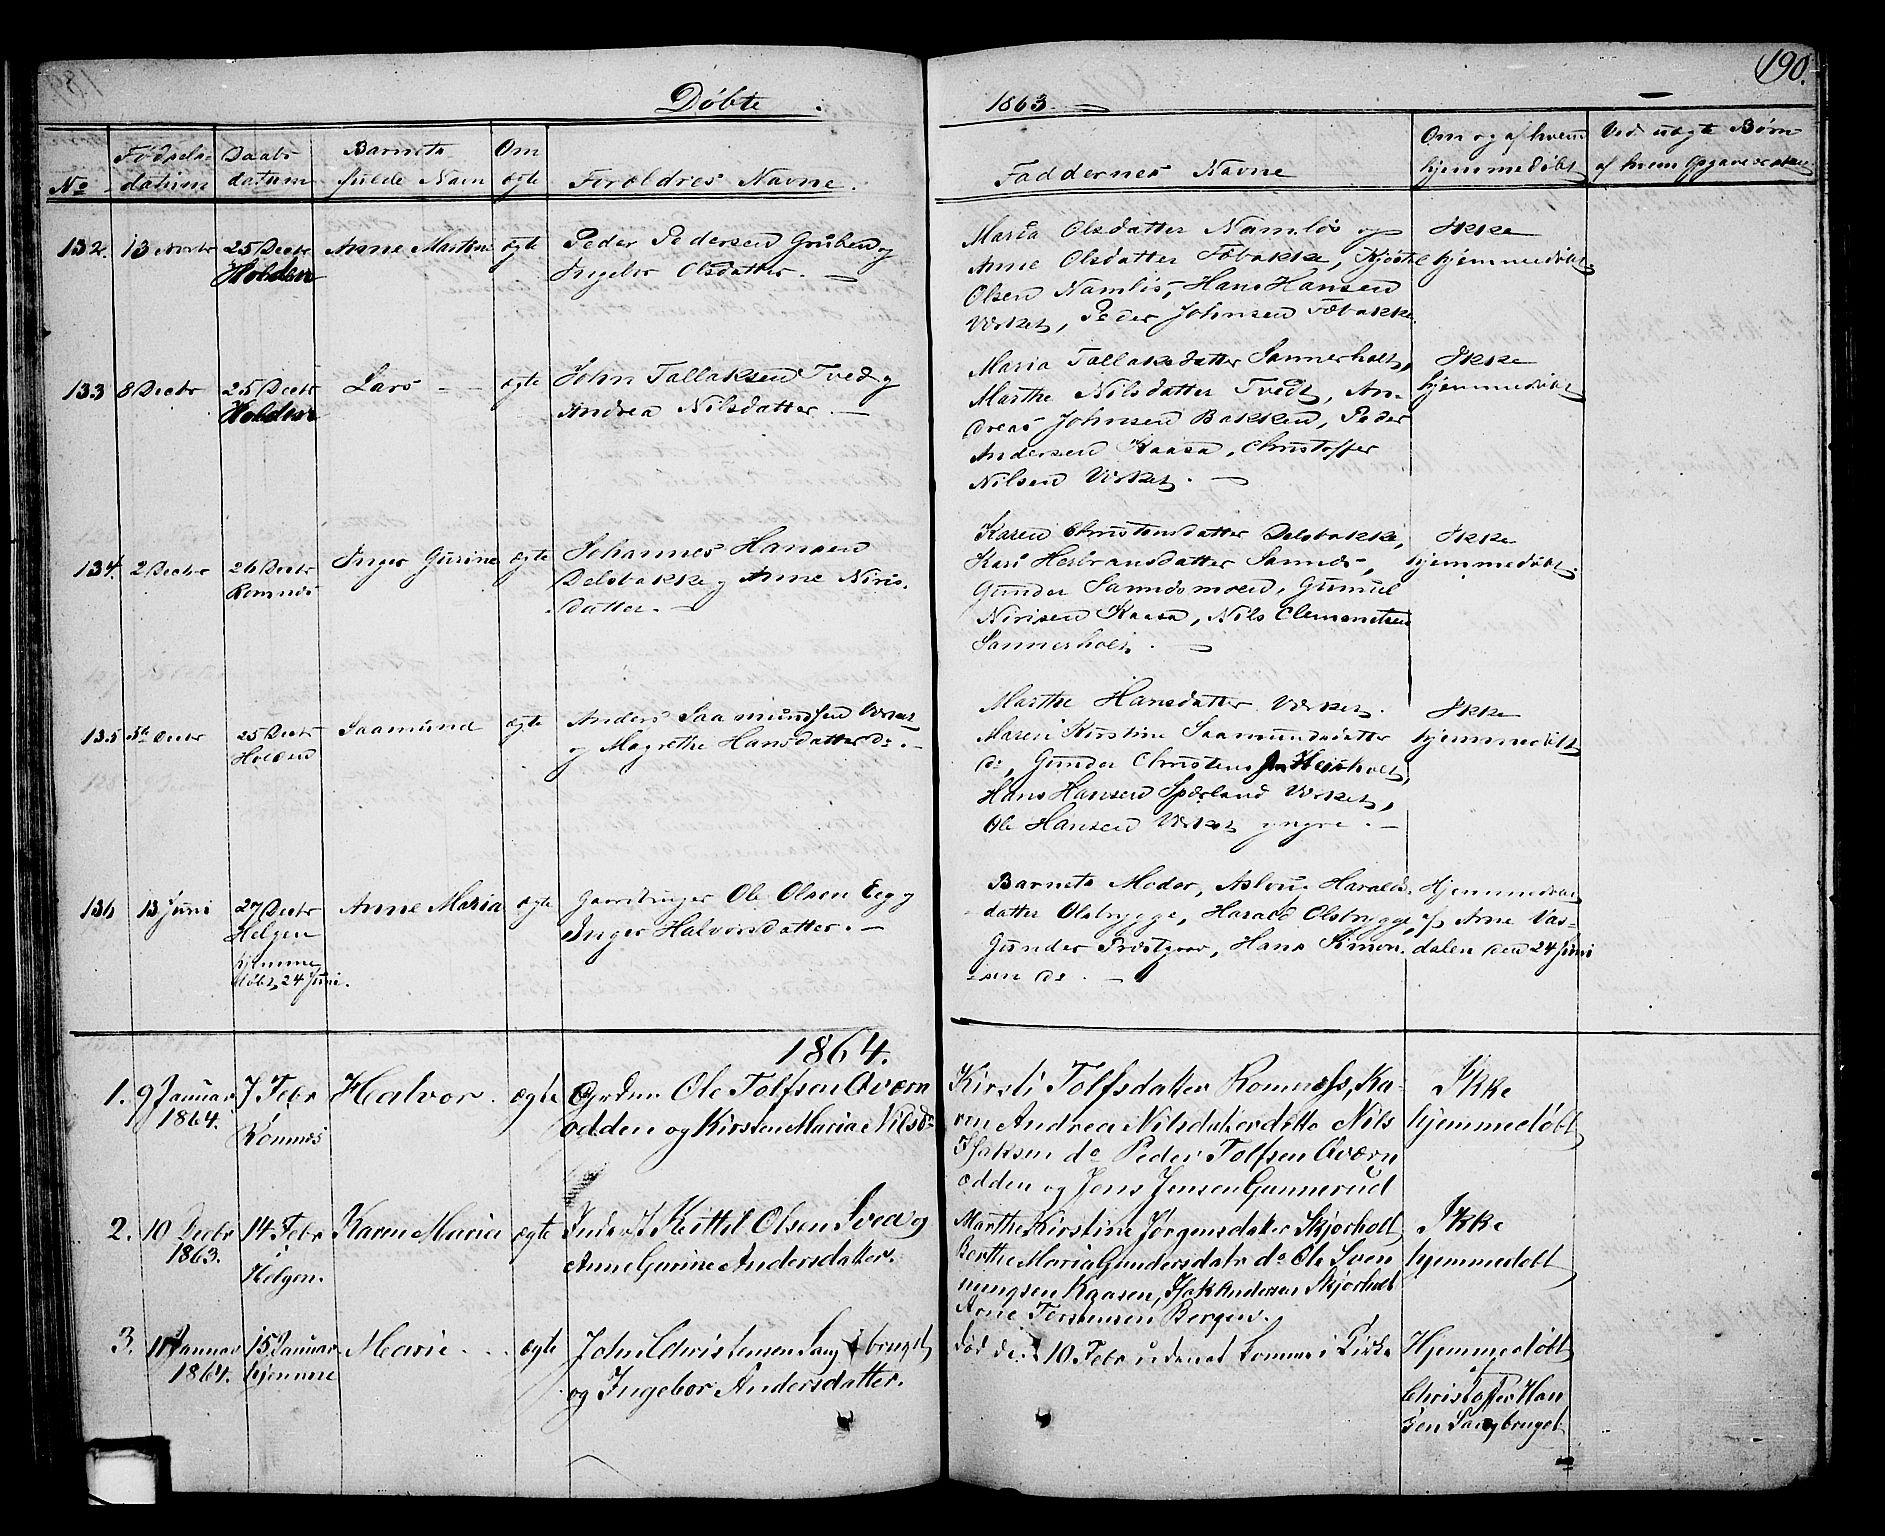 SAKO, Holla kirkebøker, G/Ga/L0003: Klokkerbok nr. I 3, 1849-1866, s. 190